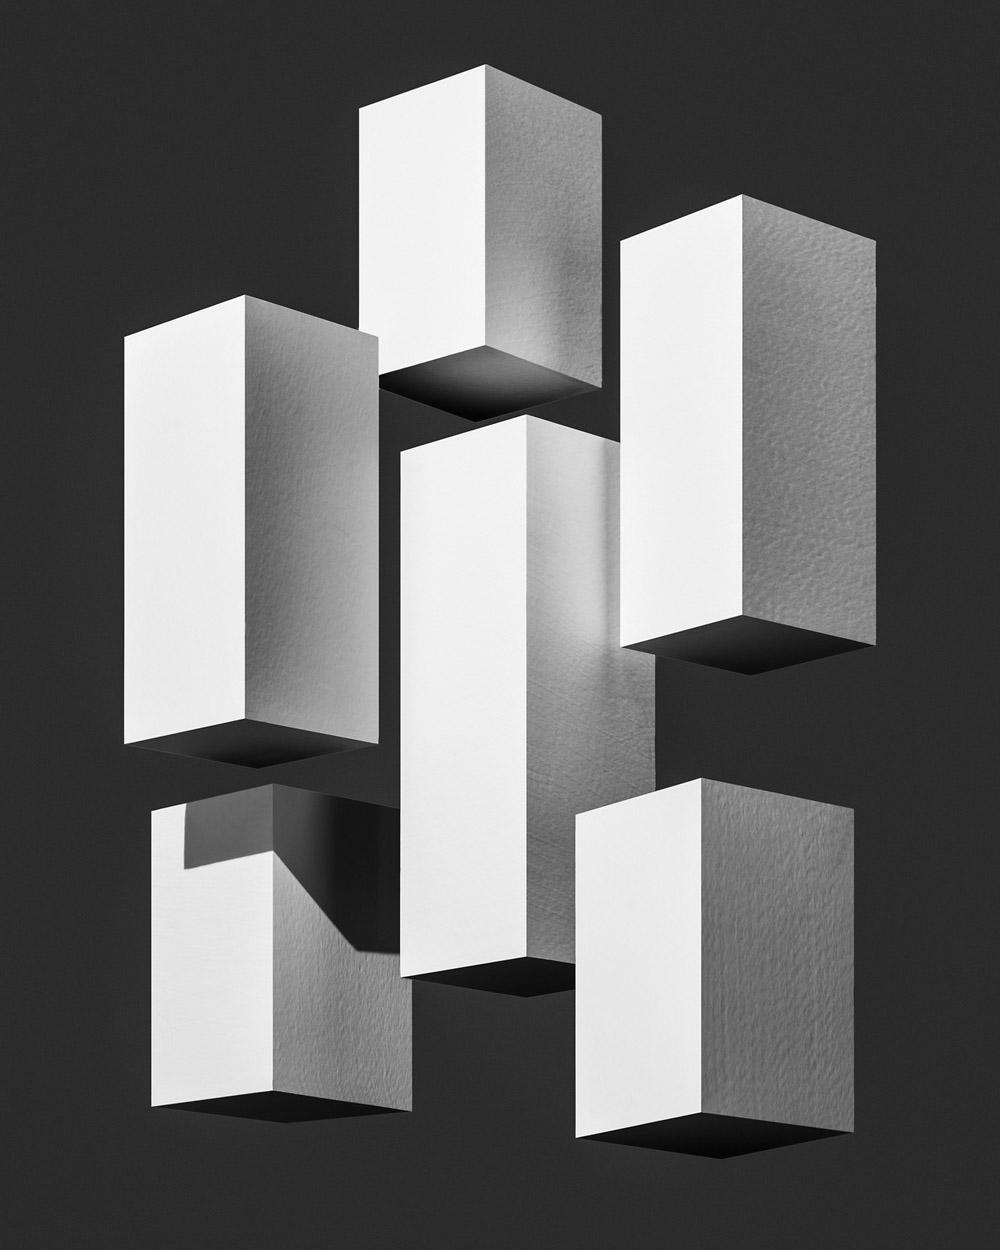 «Без названия», © Уилл Келли / Will Kelly, Бруклин, США, Почётный отзыв категории «Натюрморт», Конкурс студенческой фотографии